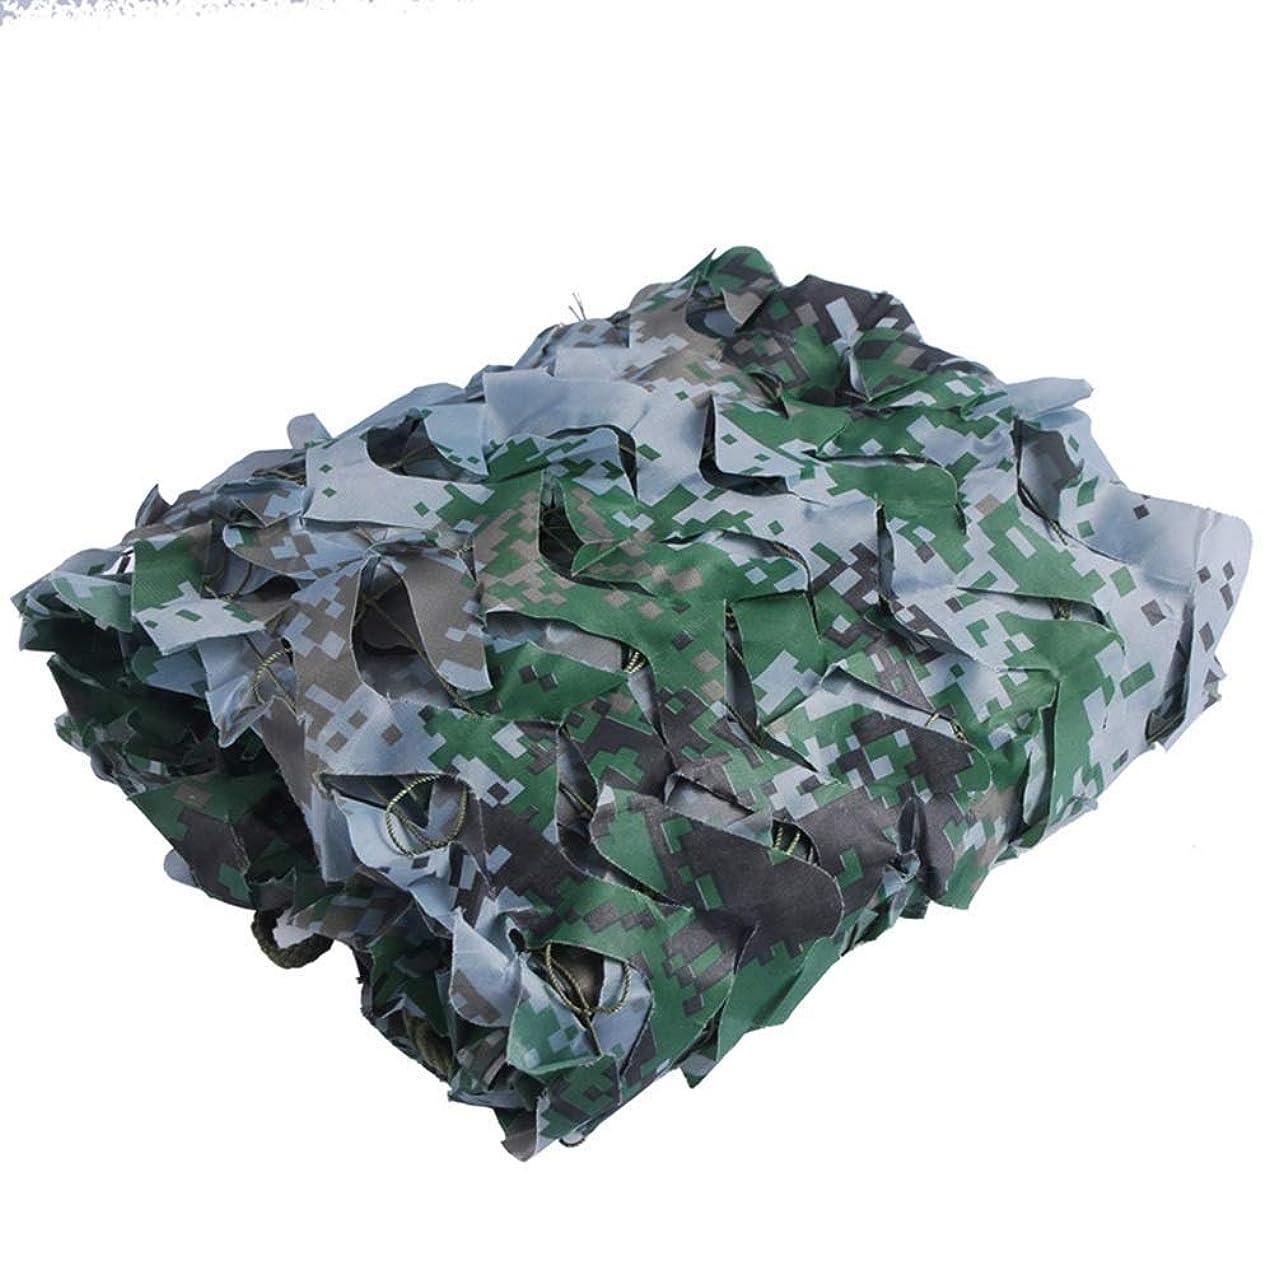 わずかなむちゃくちゃ過ち迷彩迷彩ネッティングウッドランドオックスフォード生地グレートサンシェードテントデンツ隠す寝室、複数のサイズ 遮光ネット Chihen (Color : A, Size : 10x12m)